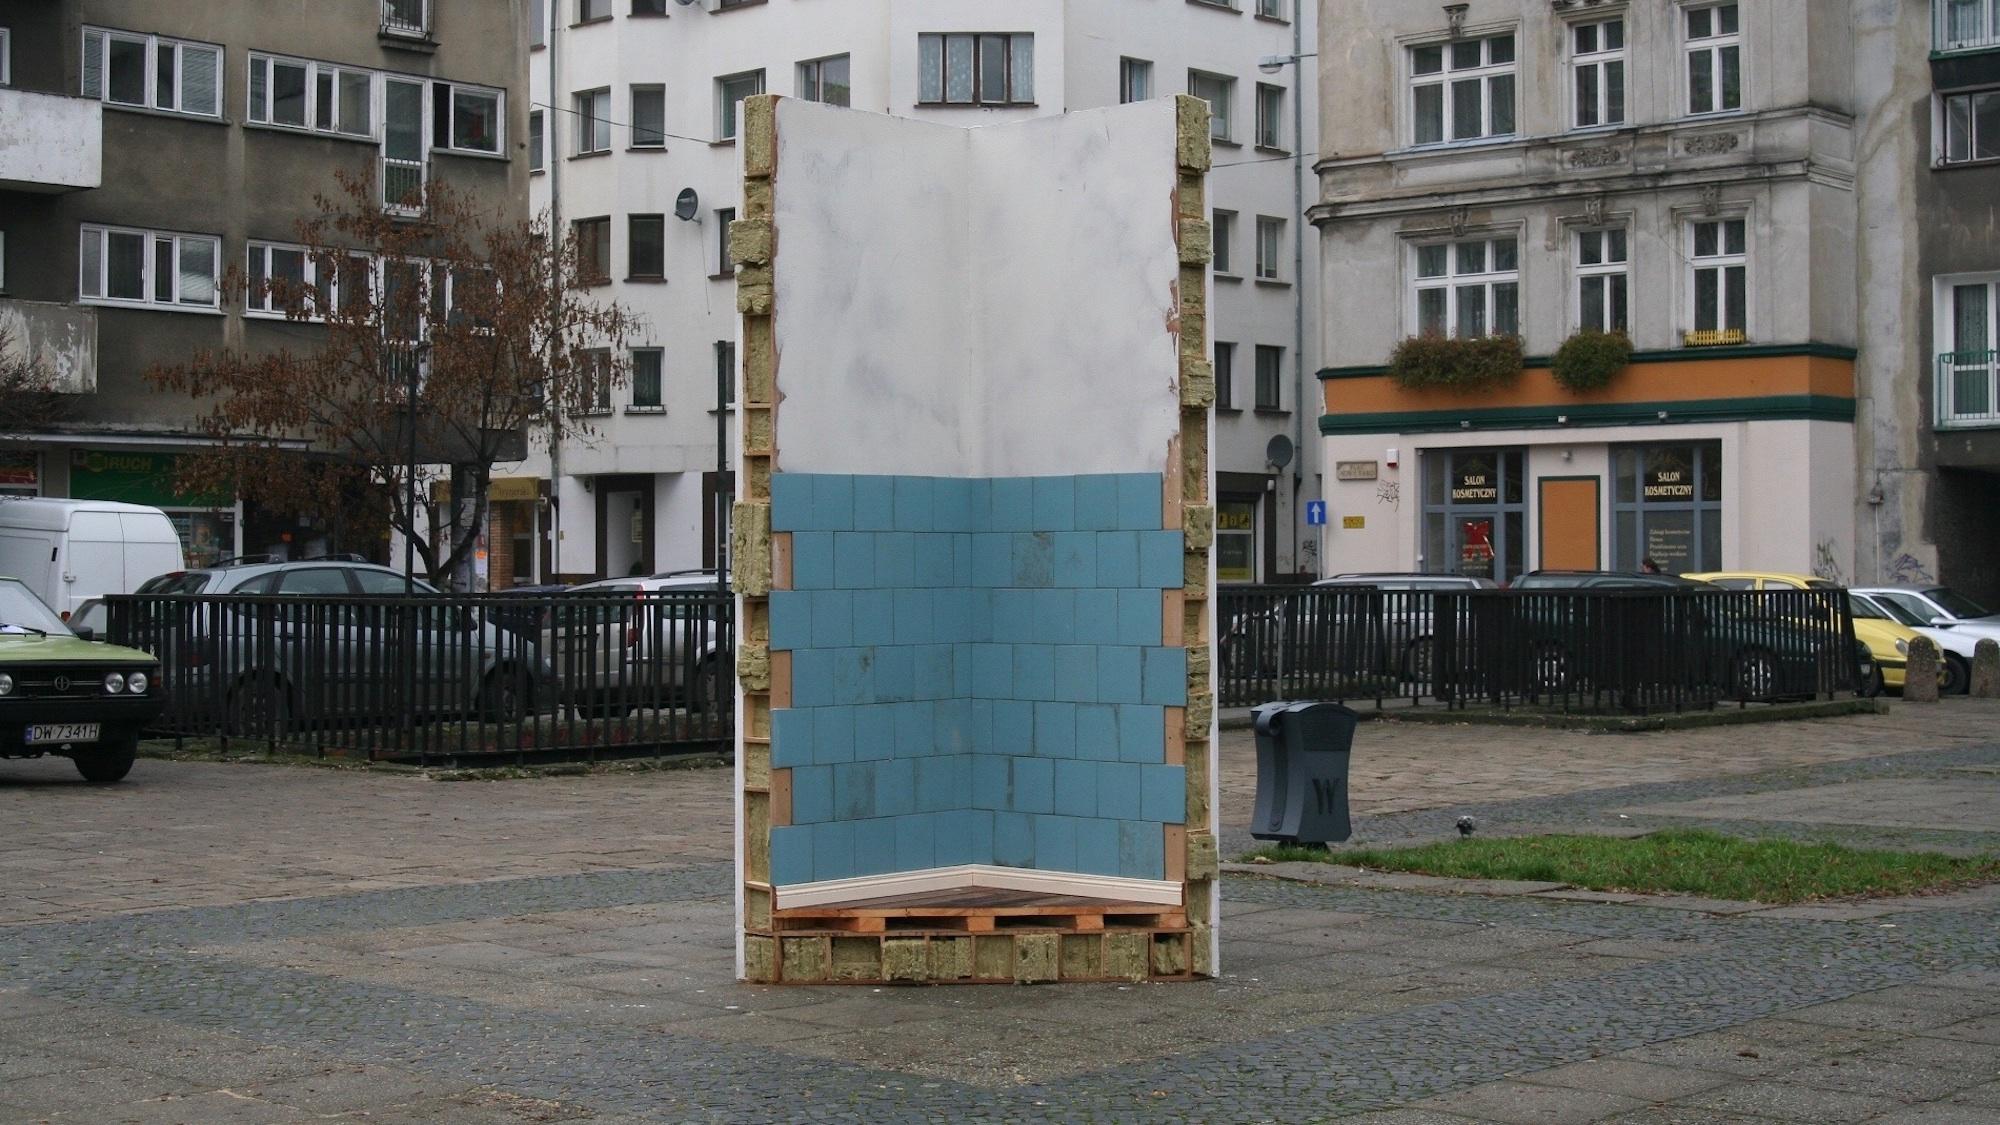 Stefan Rusu - SHELTER, Wroclaw (Poland) © Stefan Rusu